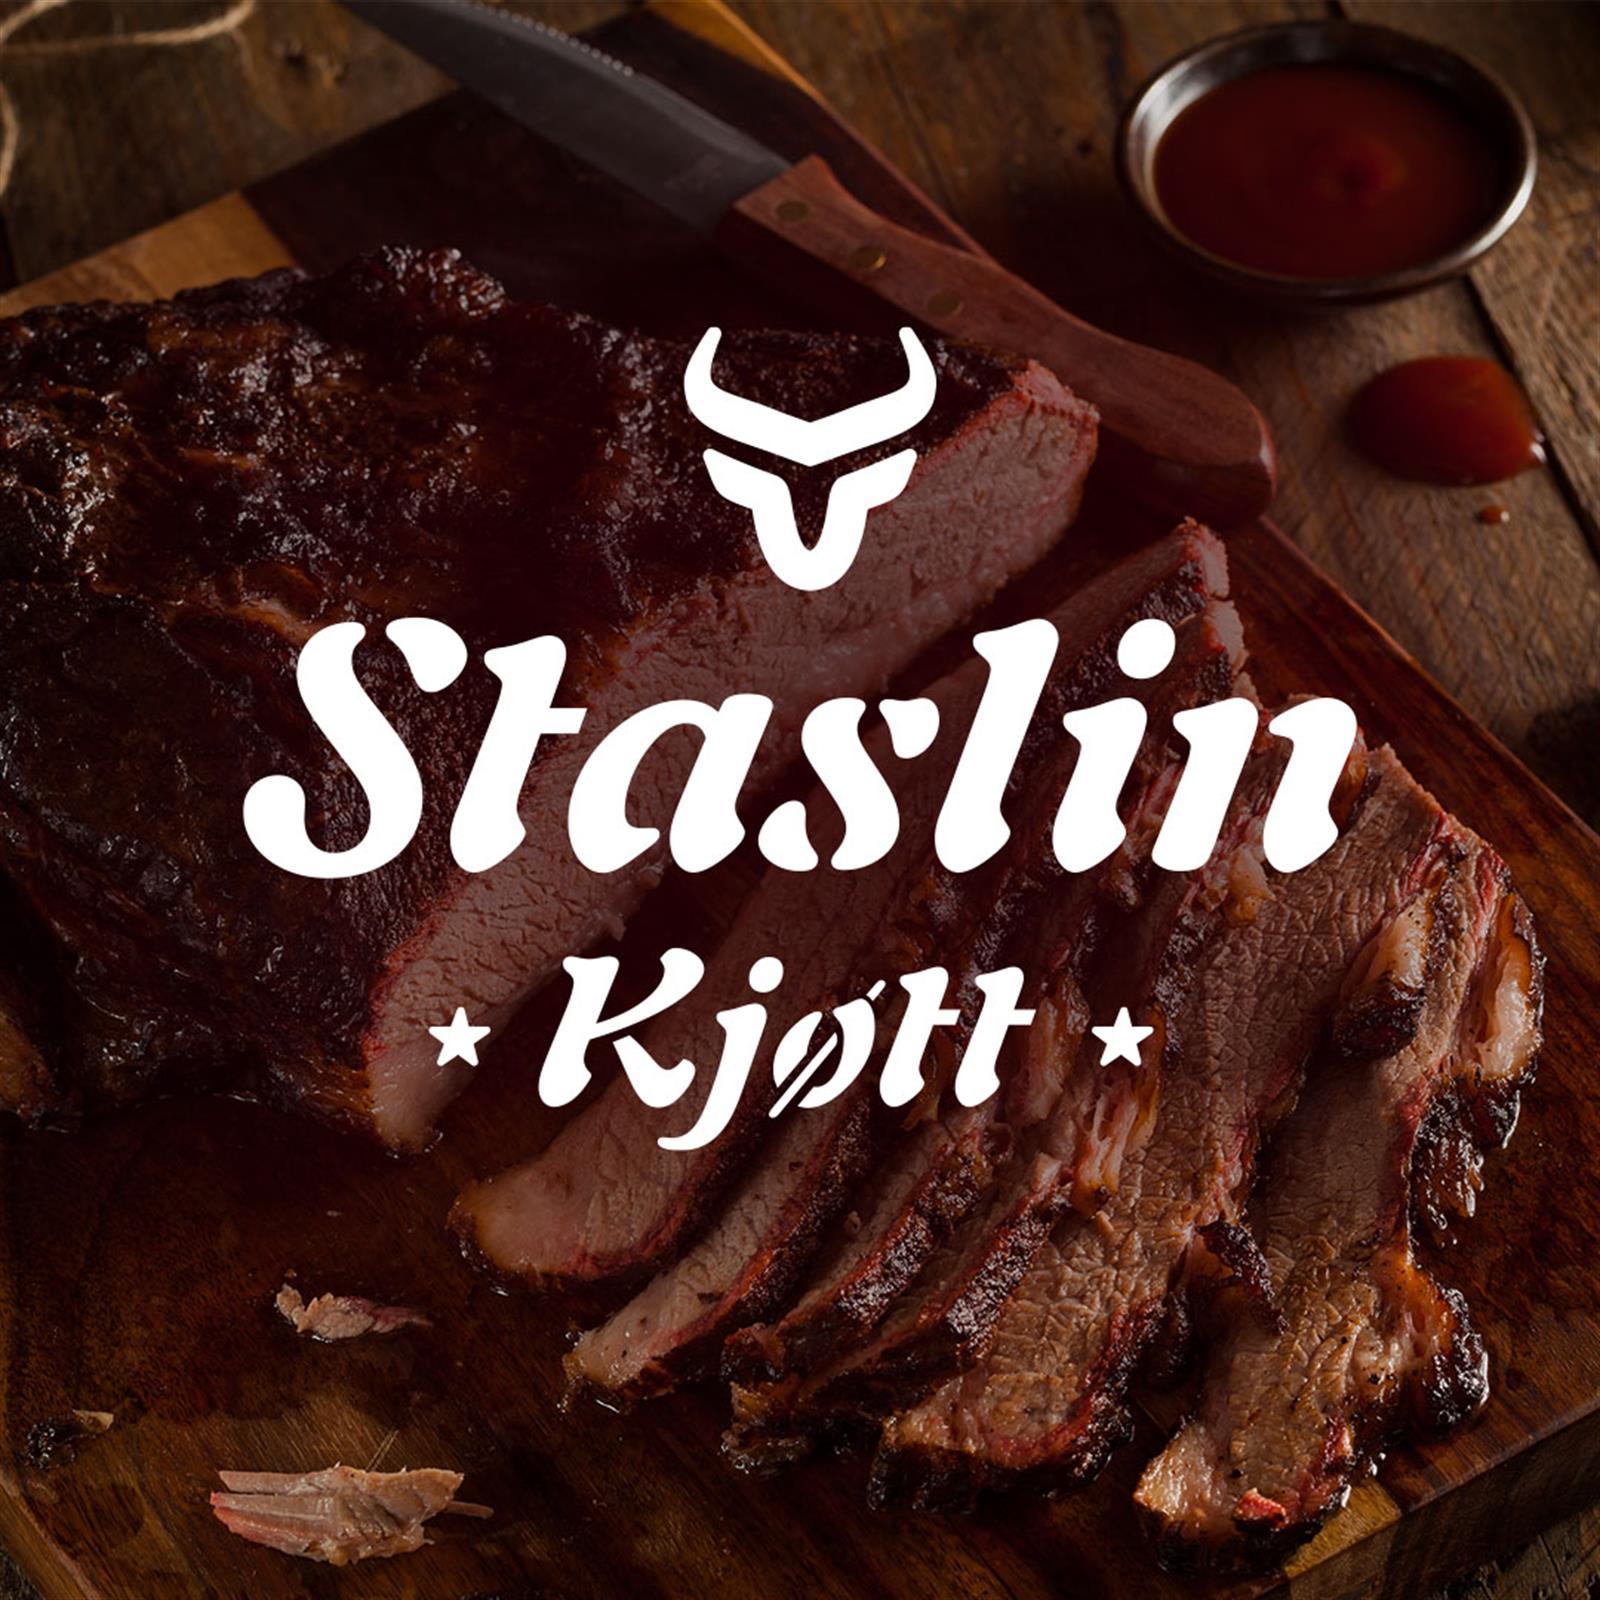 Staslin kjøtt